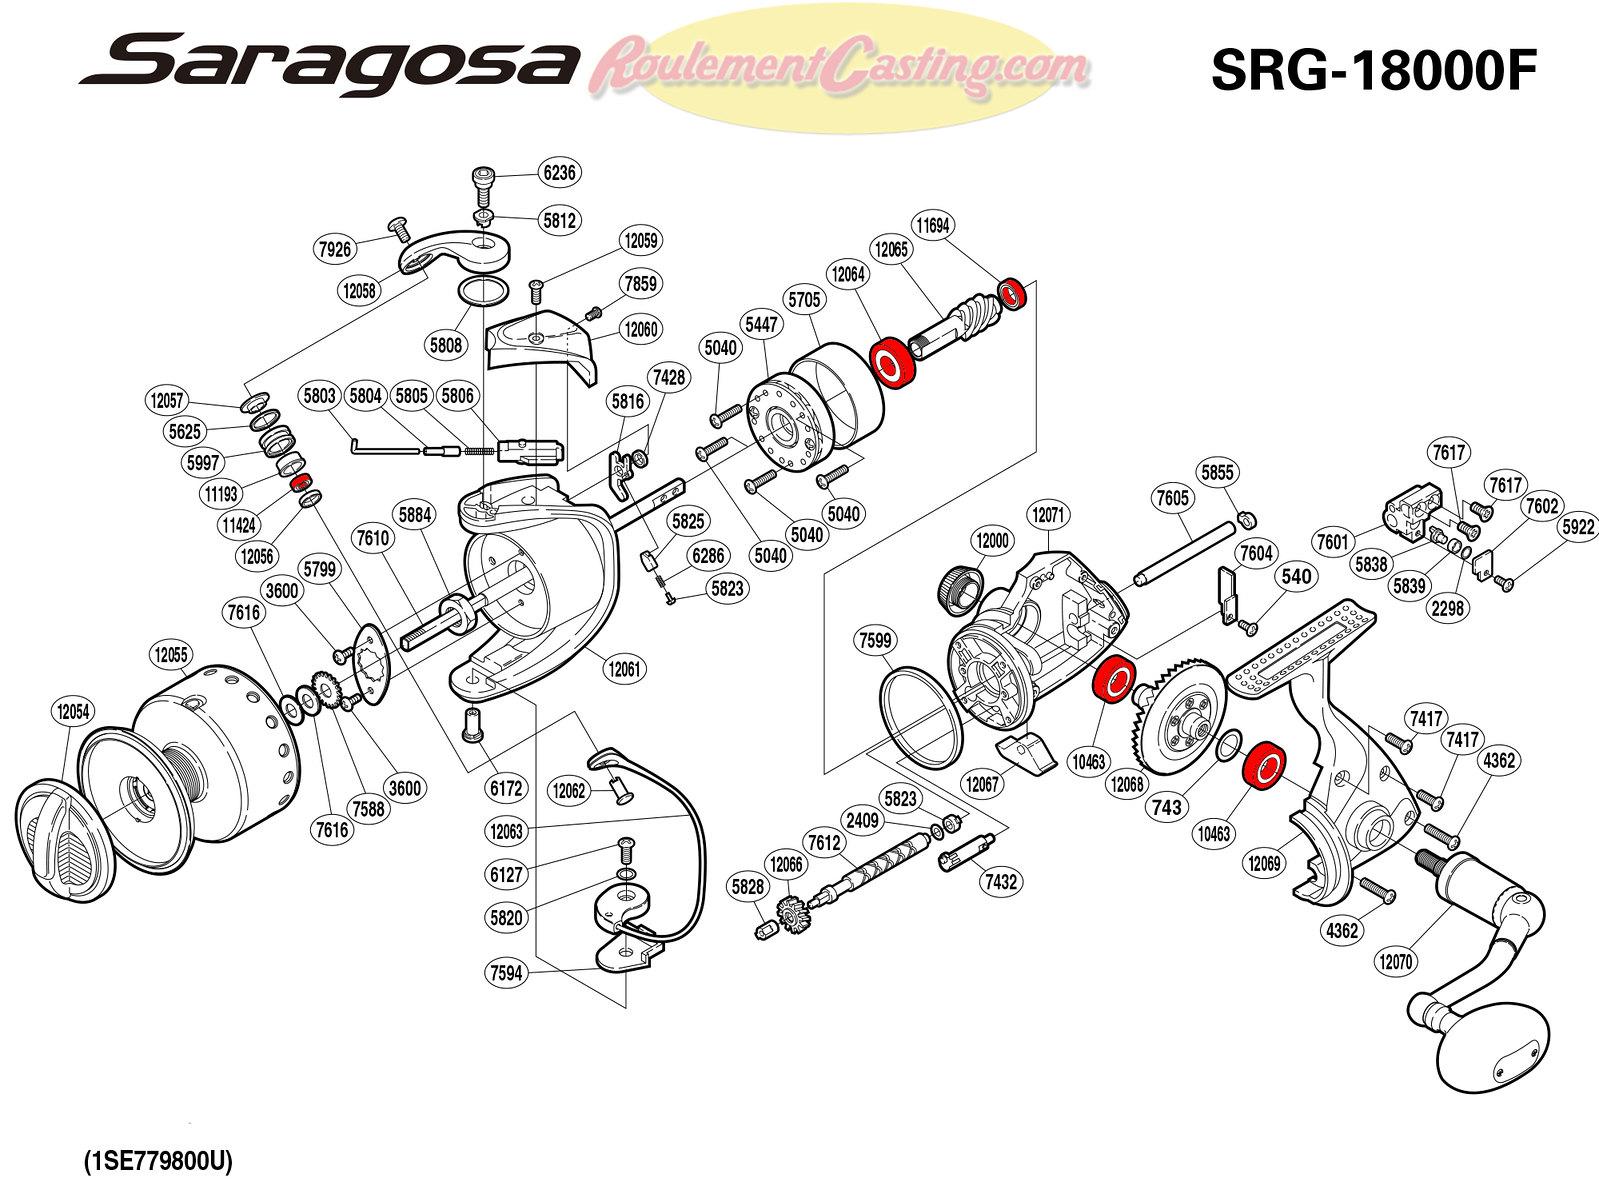 Schema-Shimano-SARAGOSA-18000F.